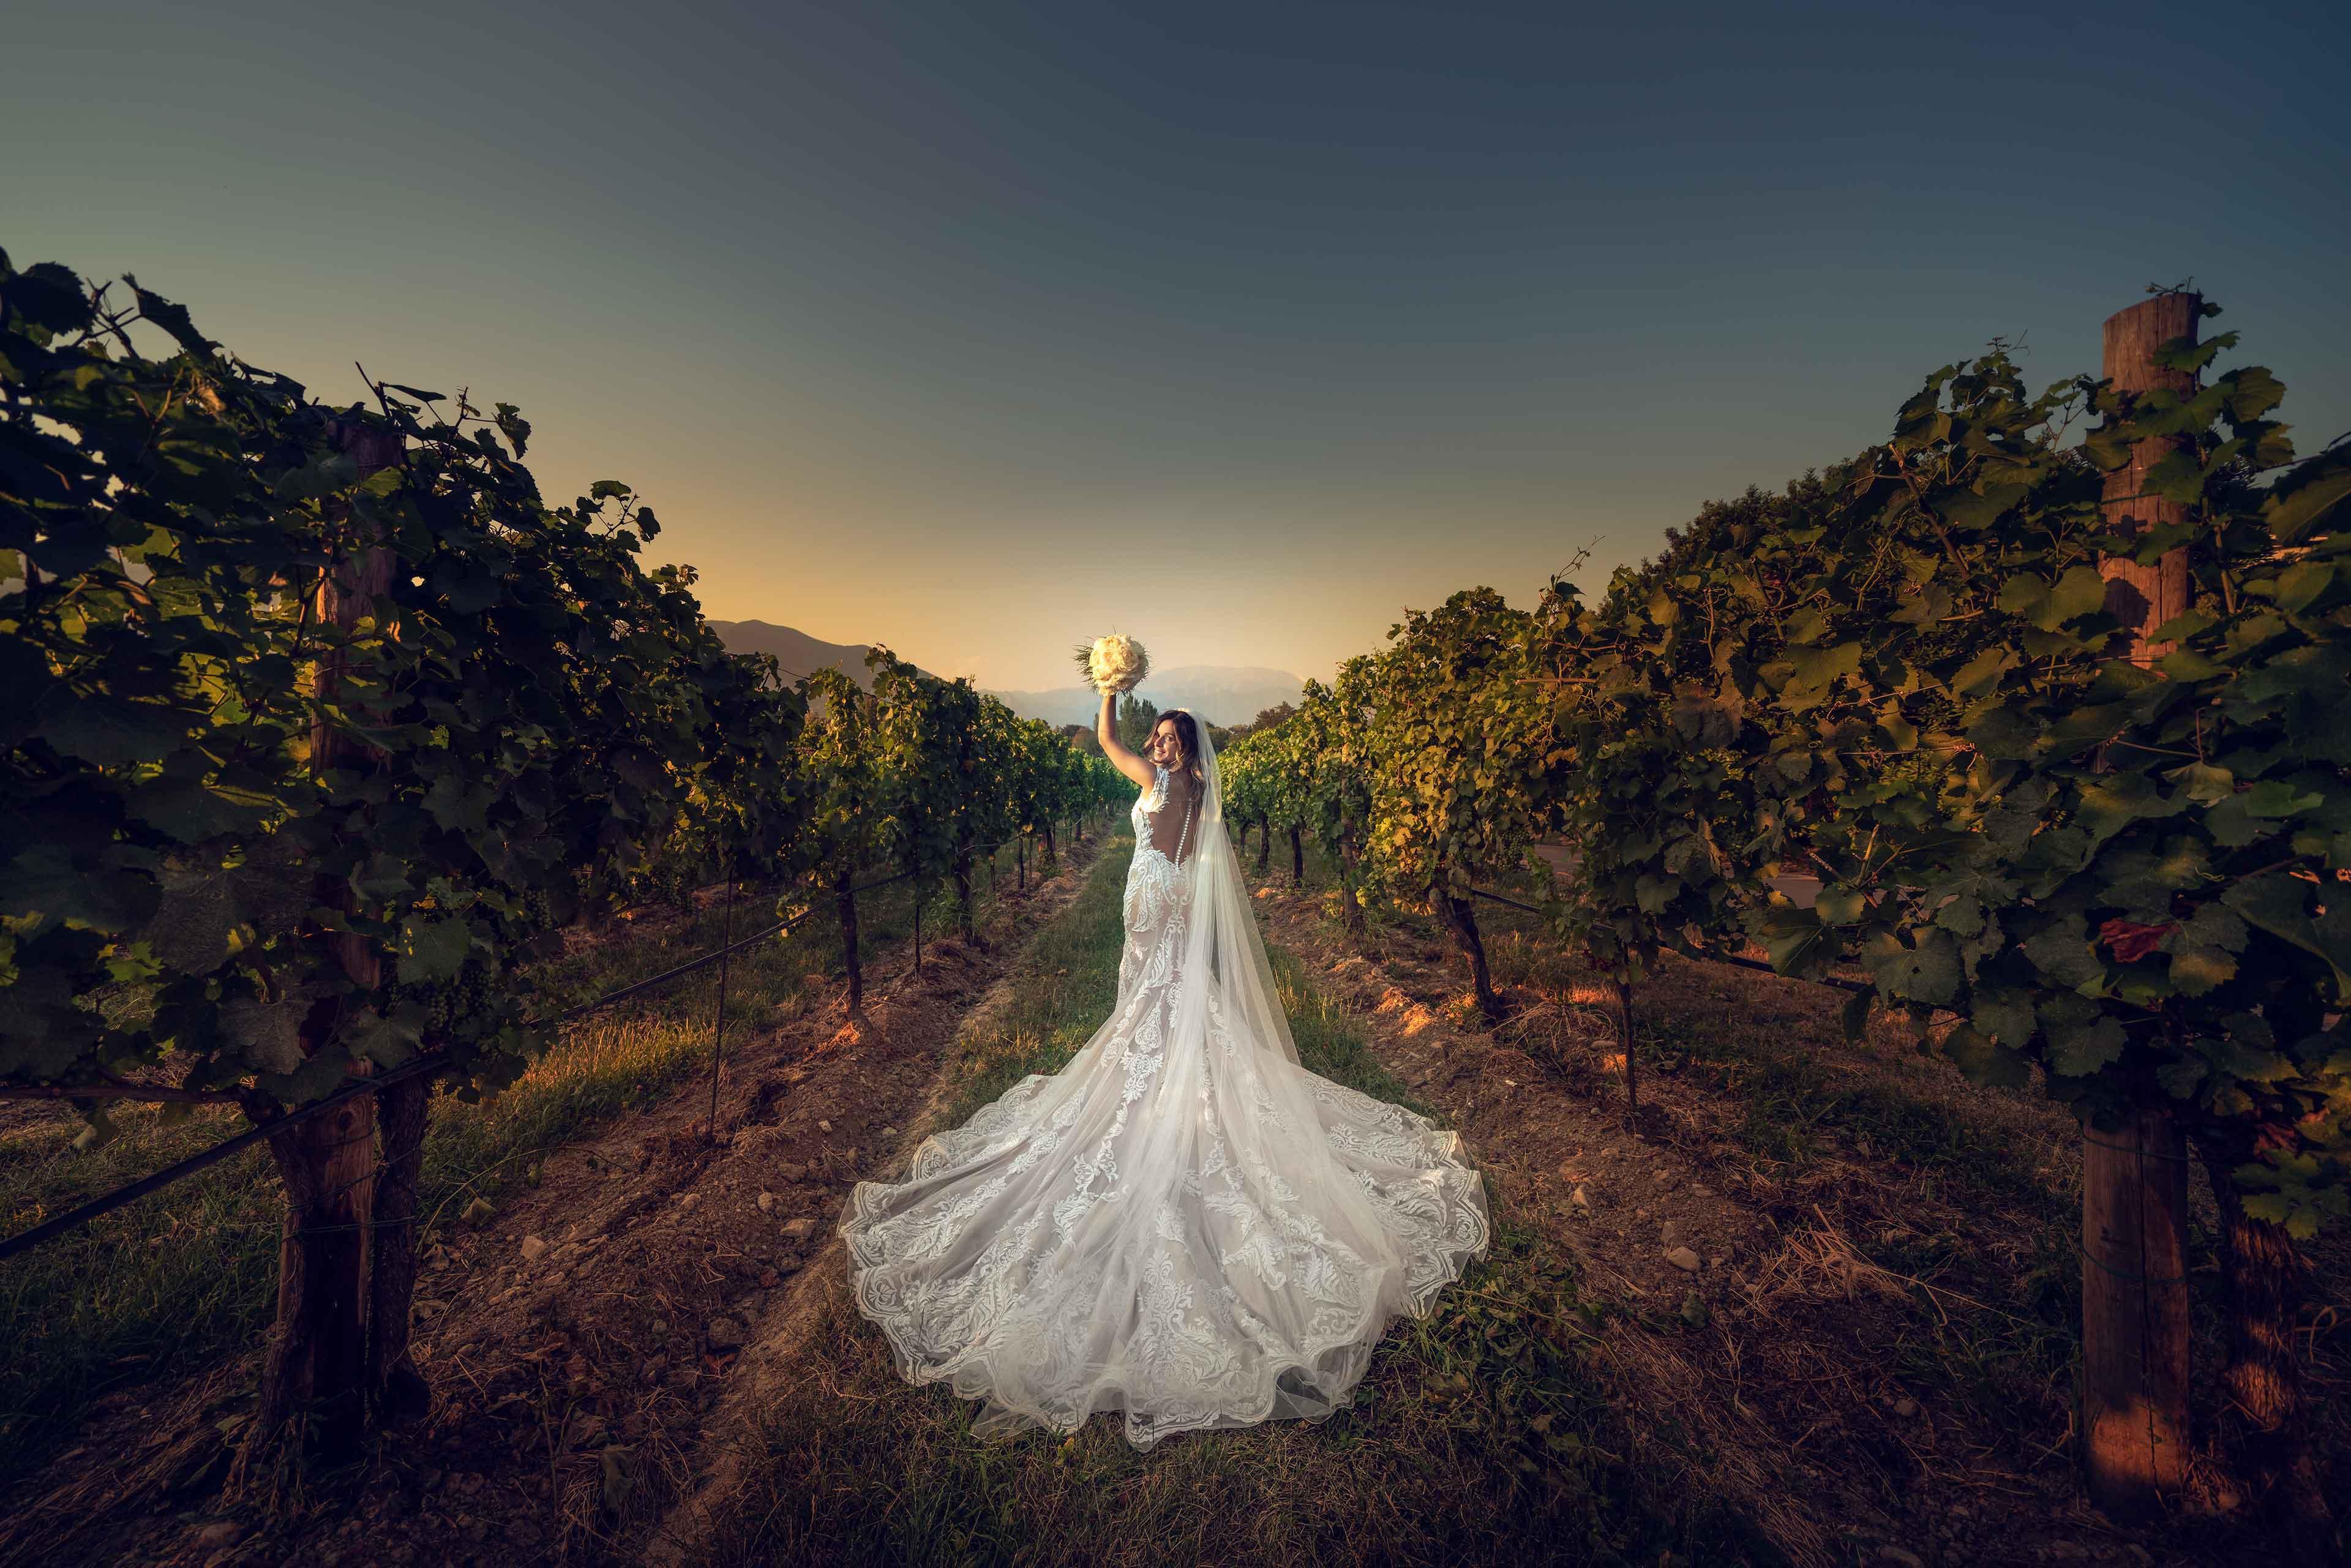 foto matrimonio bersi serlini franciacorta brescia